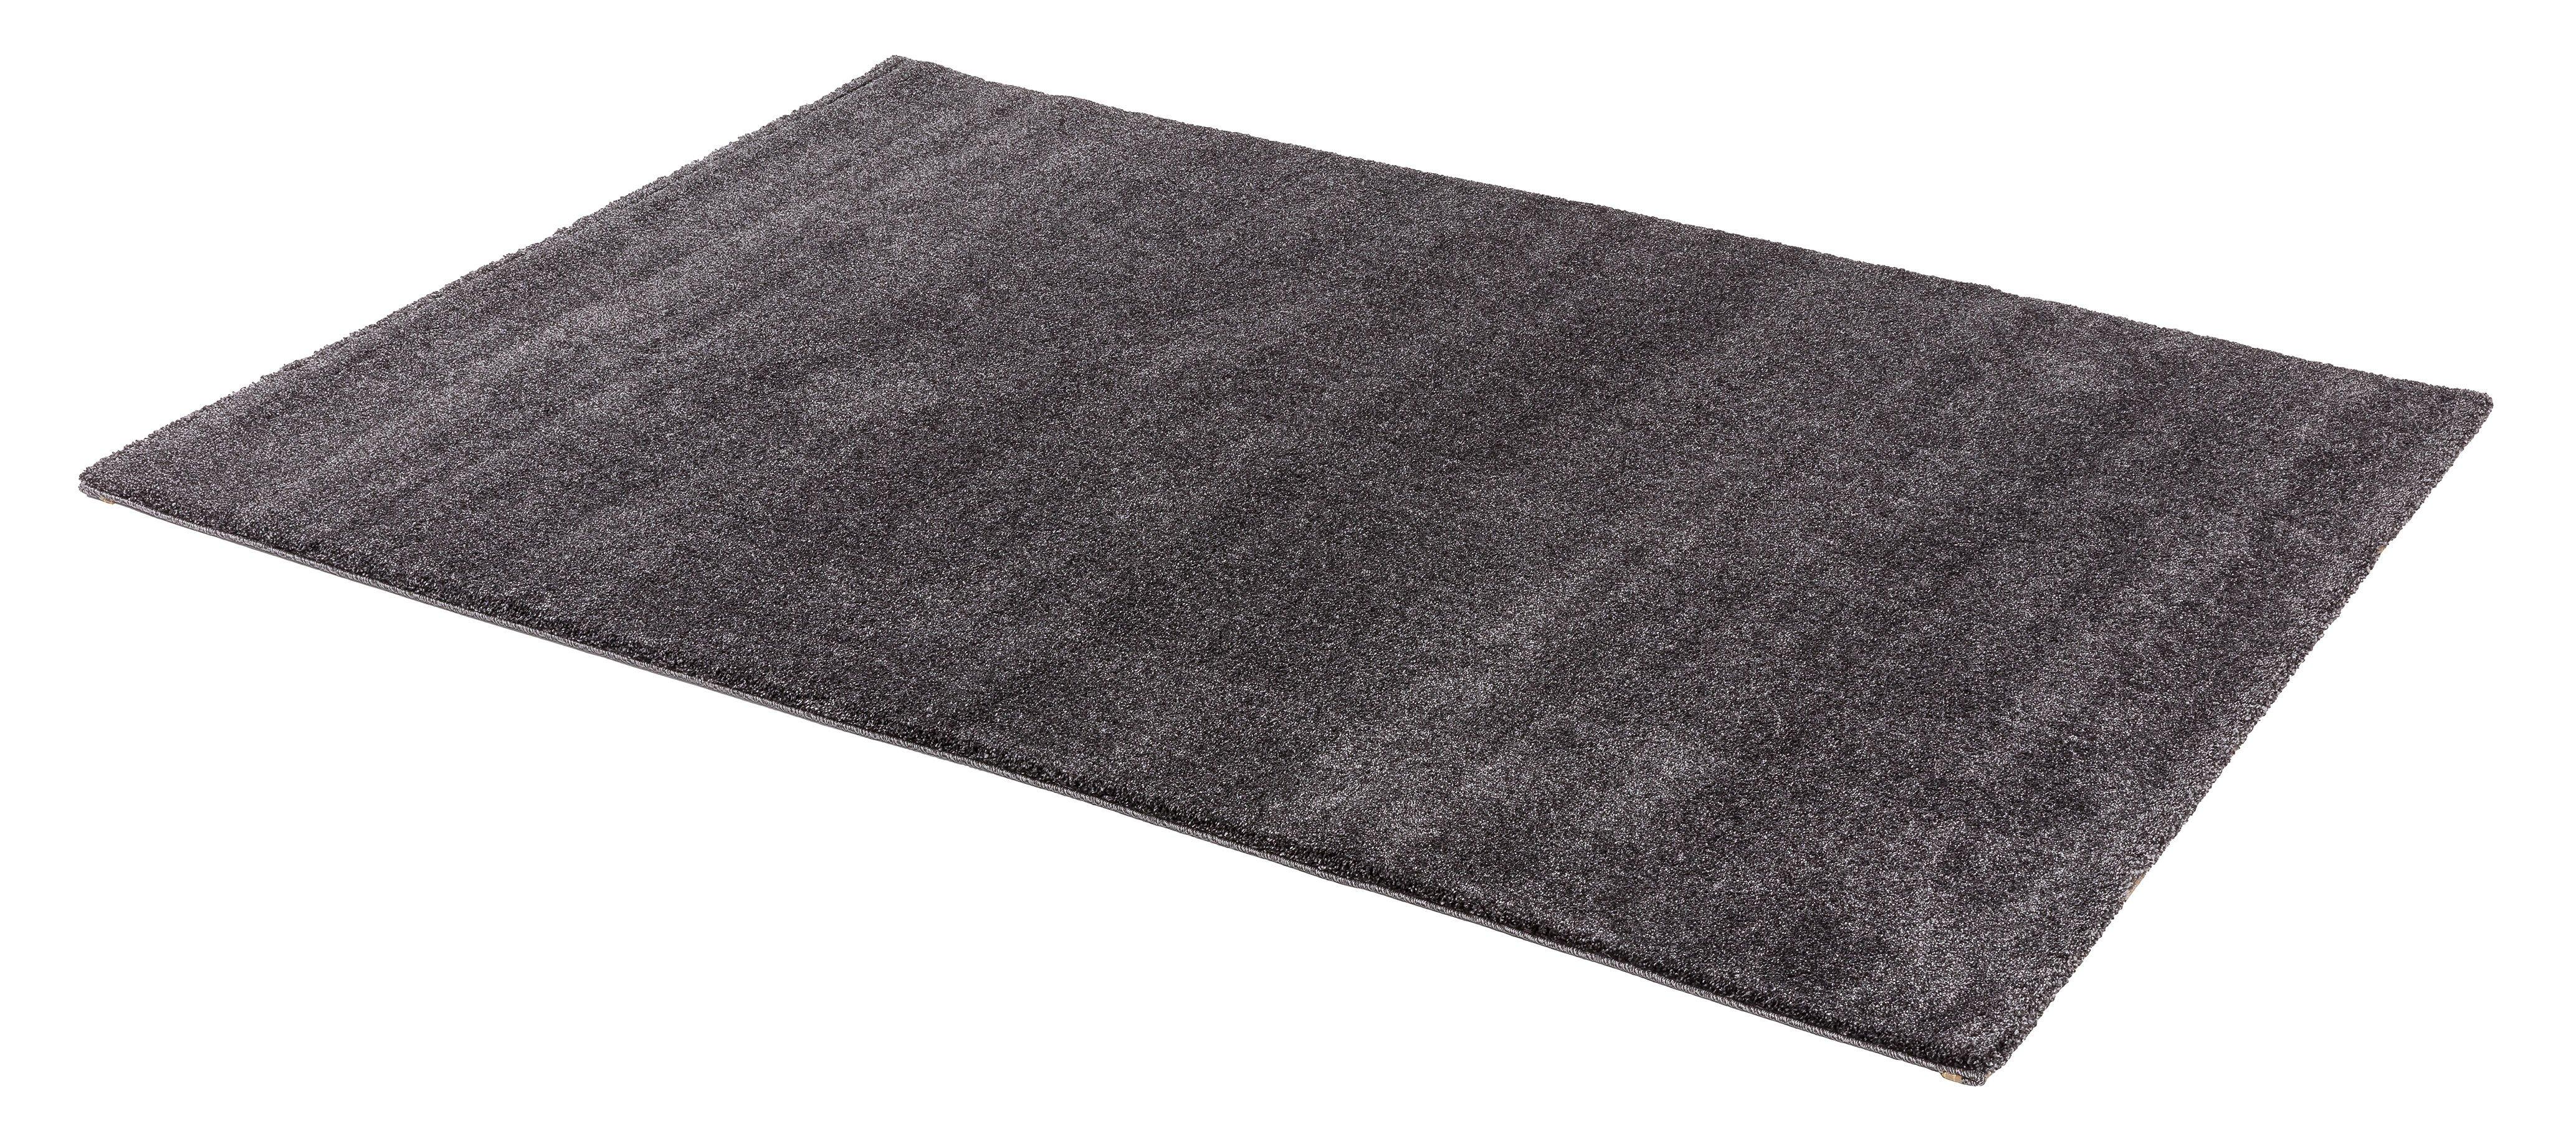 Webteppich Savona 67x130 cm anthrazit